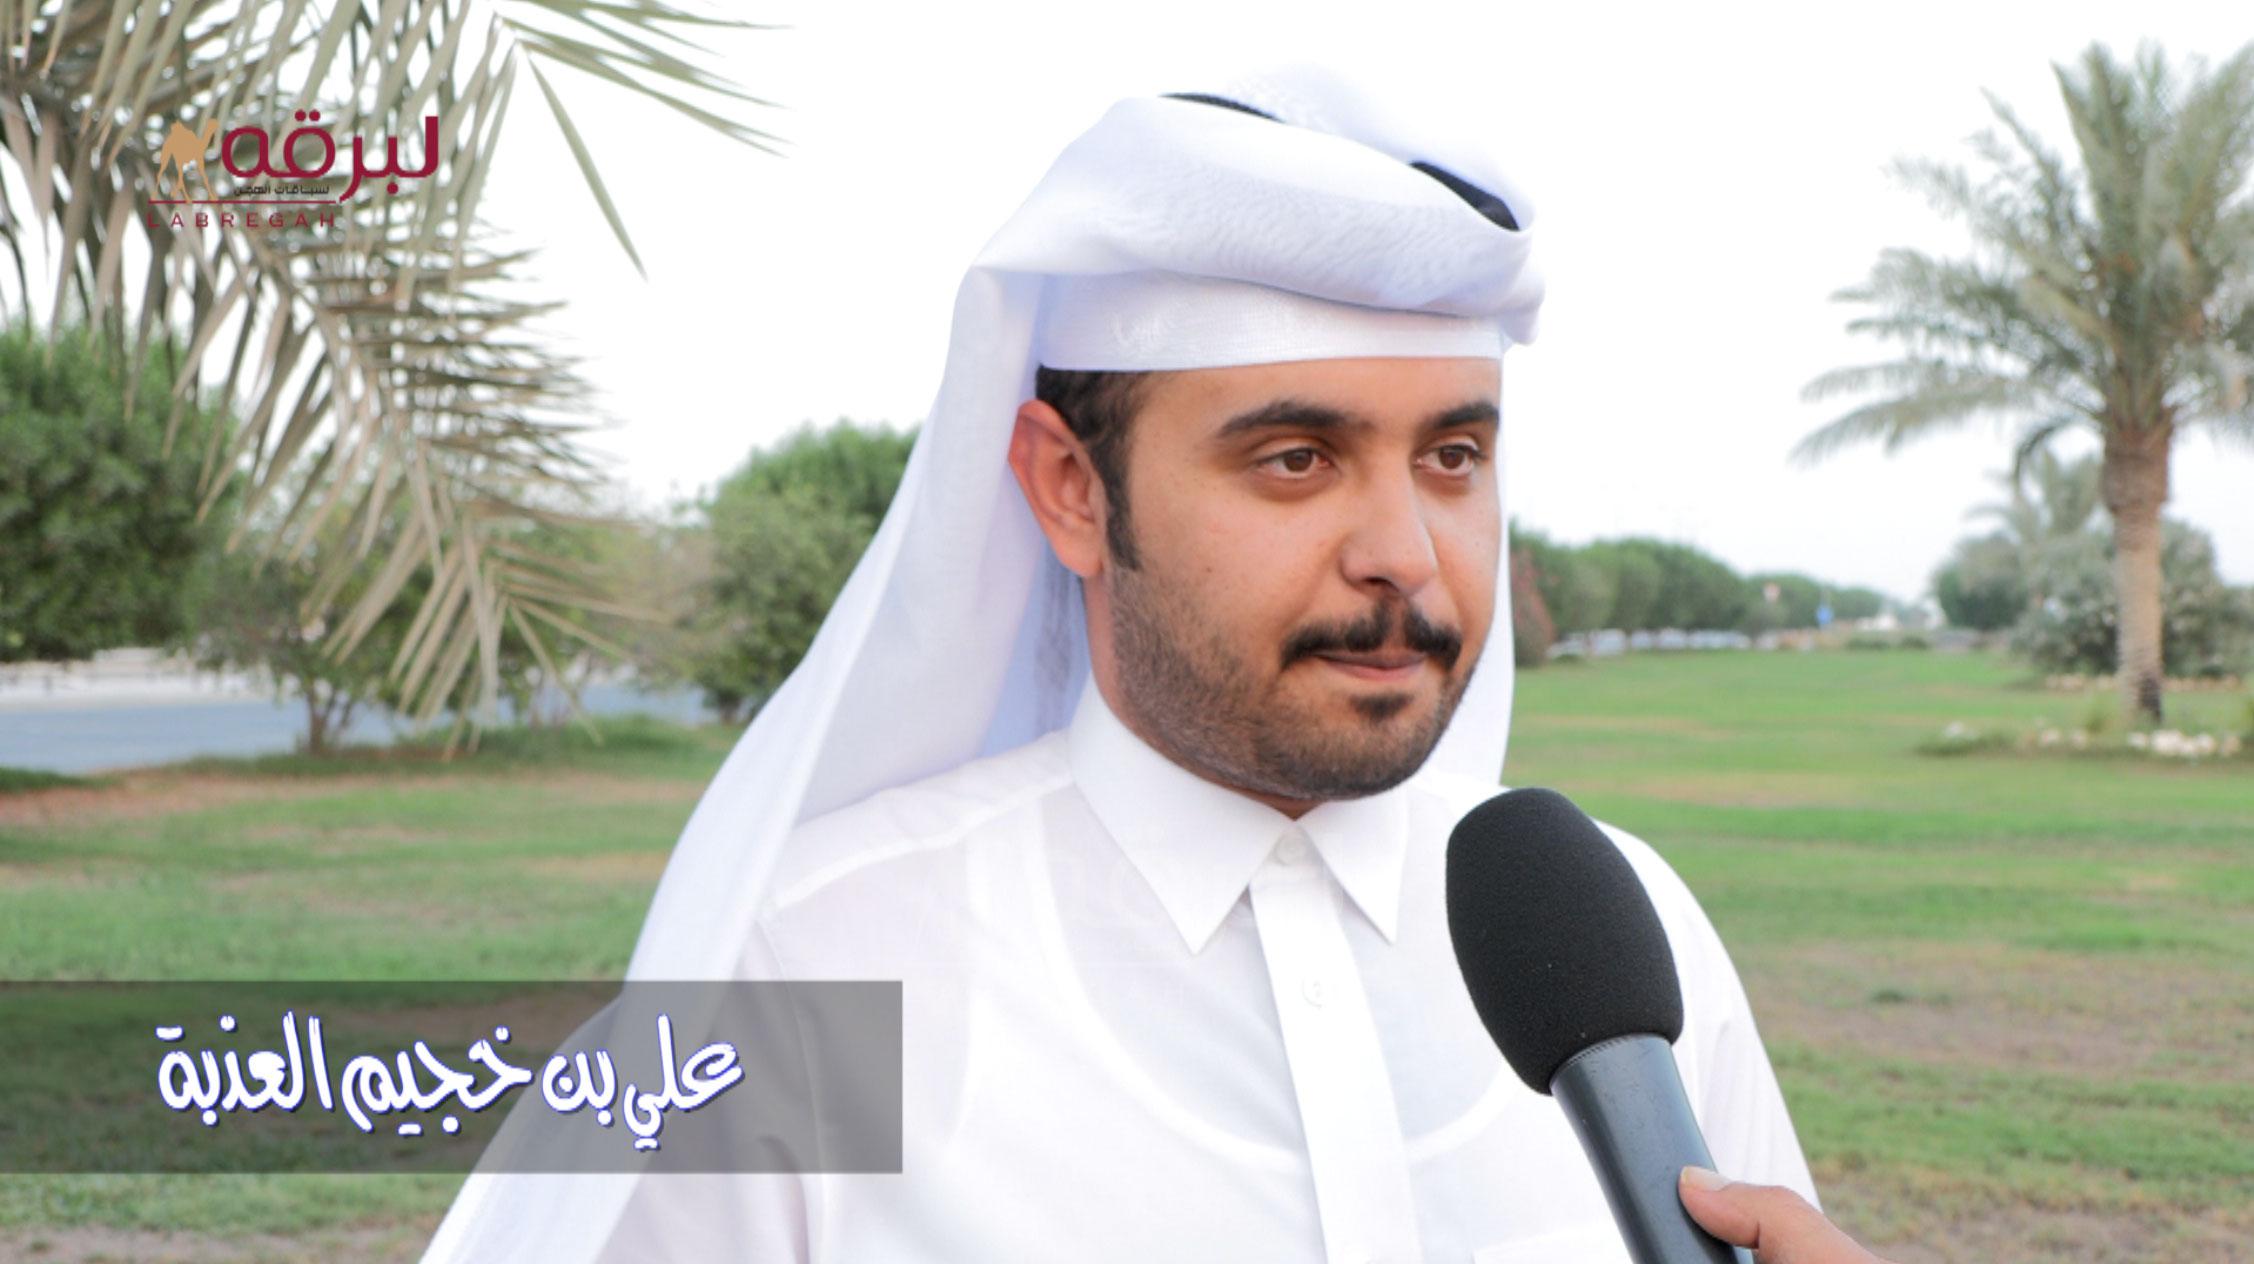 لقاء مع علي بن خجيم العذبة.. الشوط الرئيسي للحقايق قعدان (إنتاج) الأشواط العامة  ٧-١٠-٢٠٢١